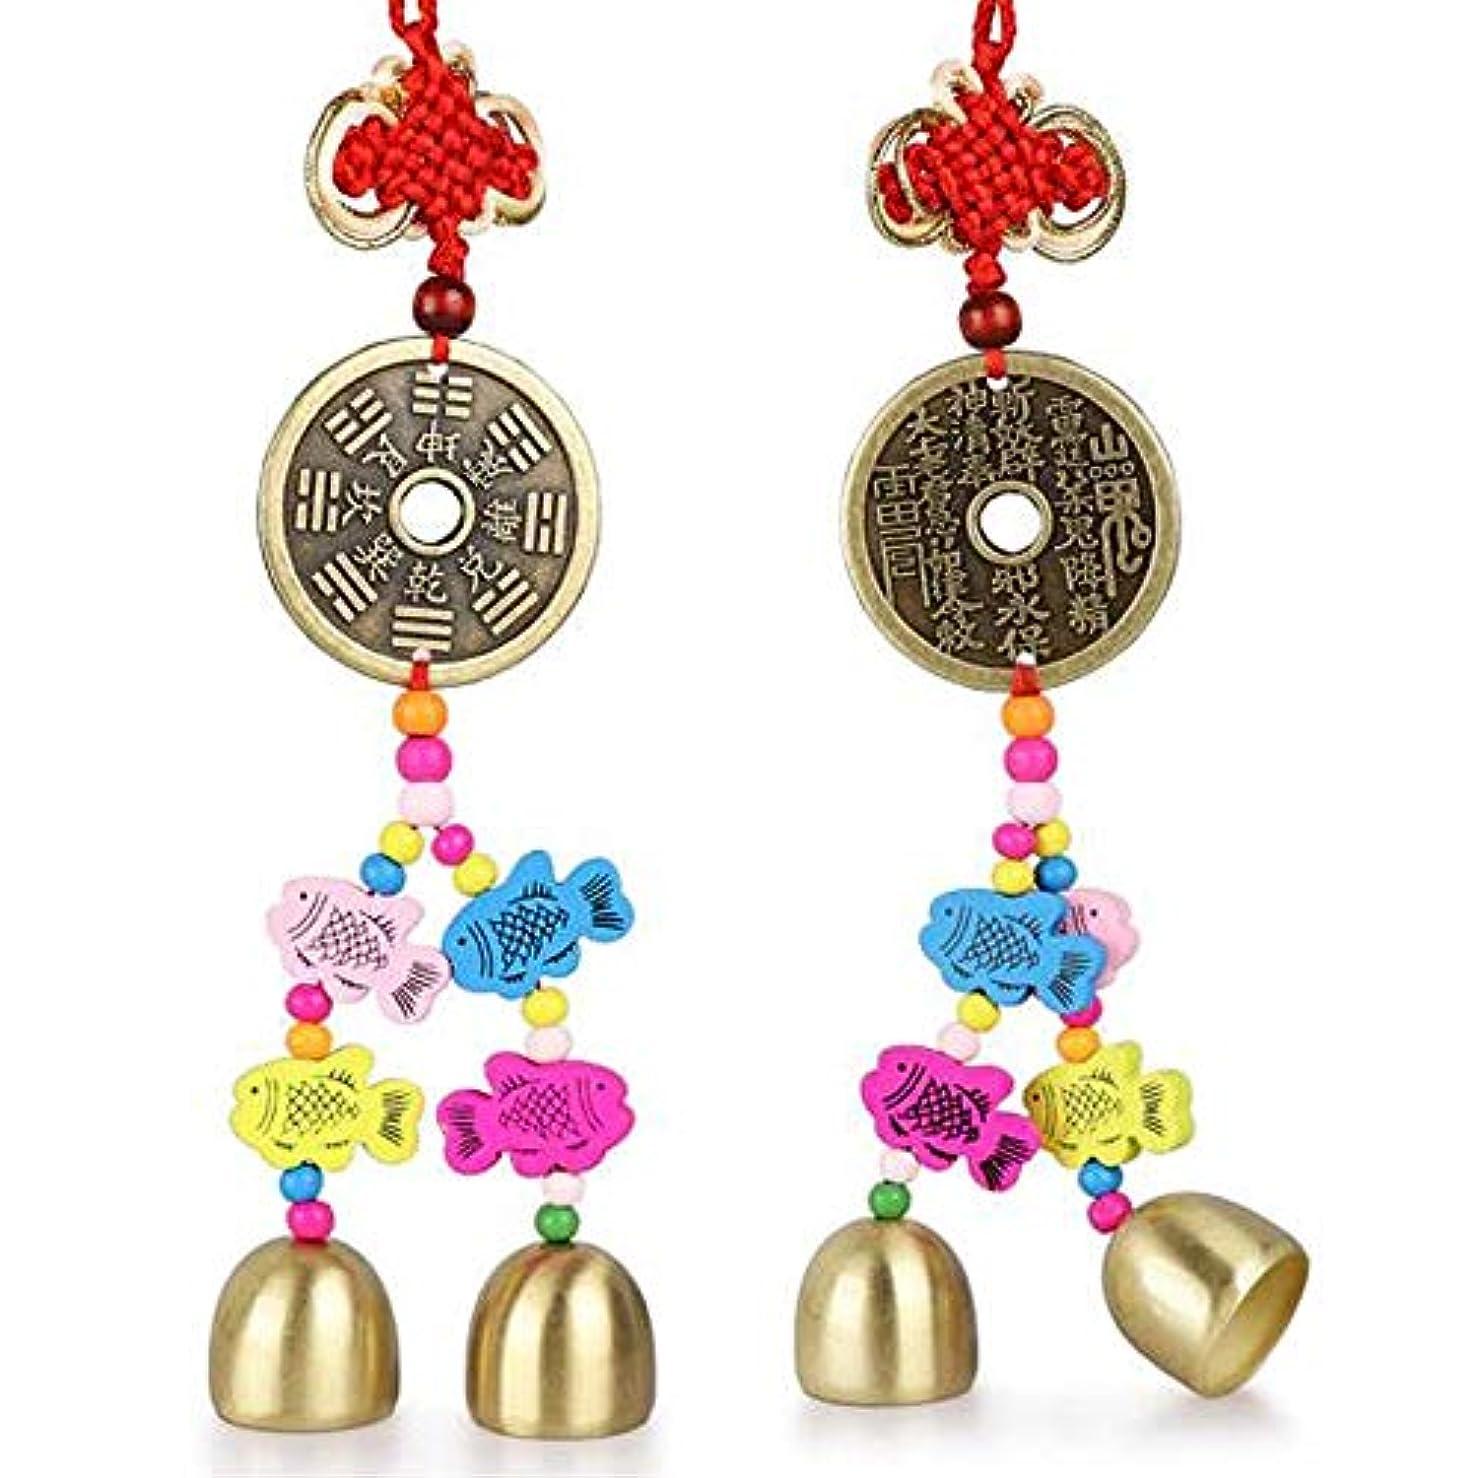 義務趣味時制Jielongtongxun 風チャイム、中国のノット銅鐘ホーム車の装飾、ゴールド、全長約31センチメートル,絶妙な飾り (Color : C)